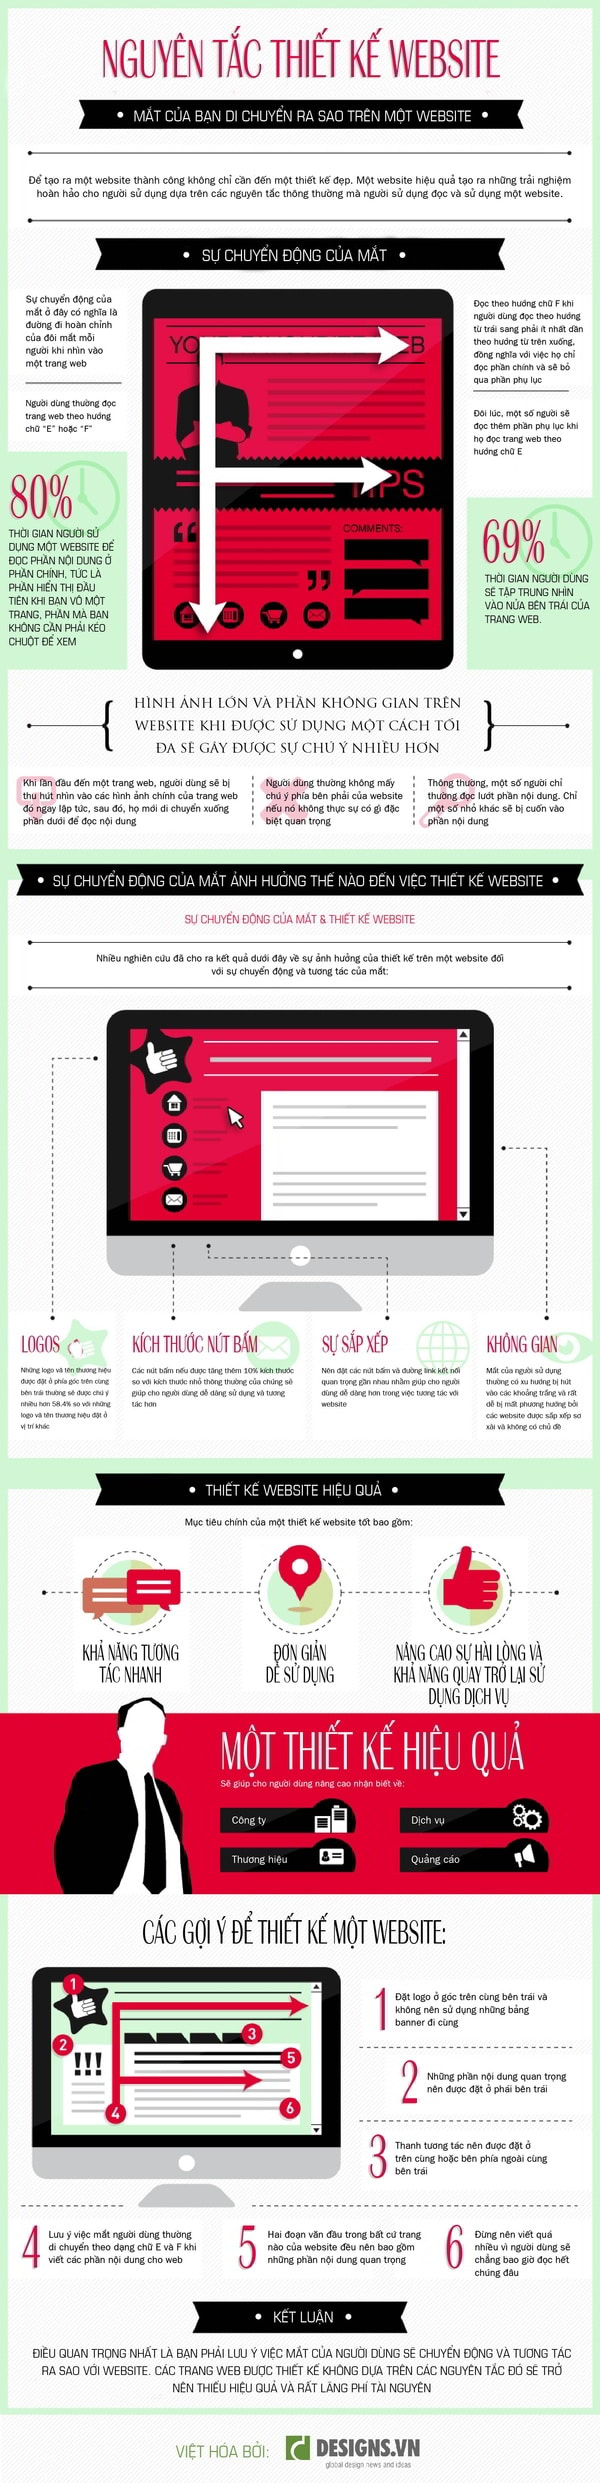 thiet ke website(1)